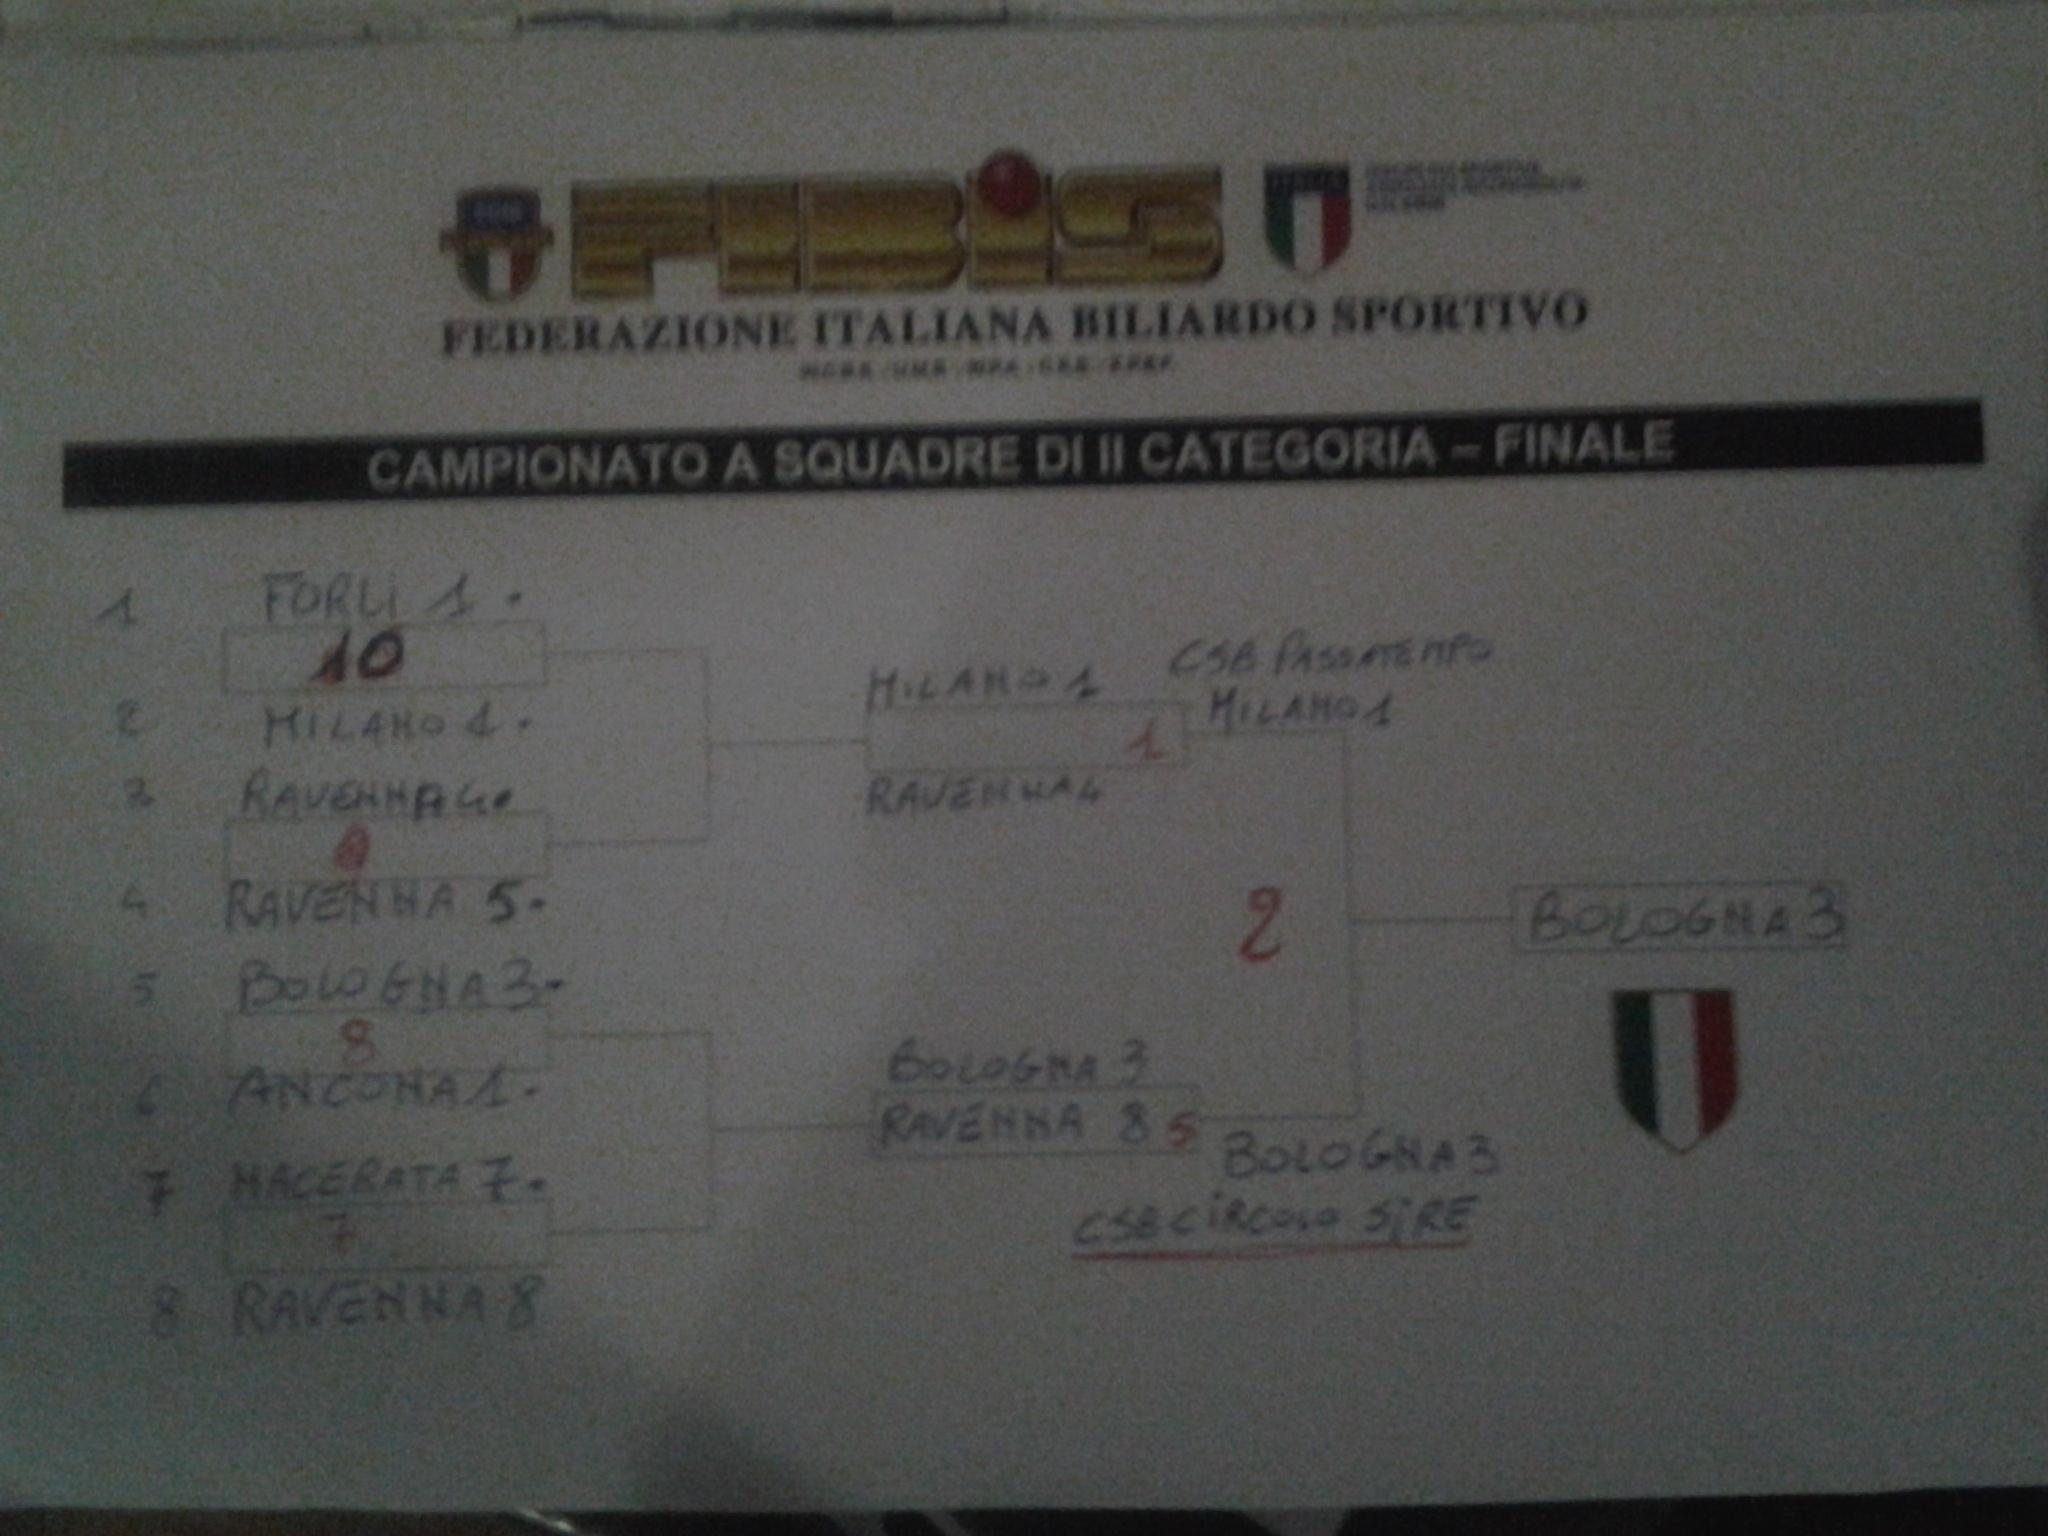 Campionato Italiano 2^ categoria a squadre vince Bologna